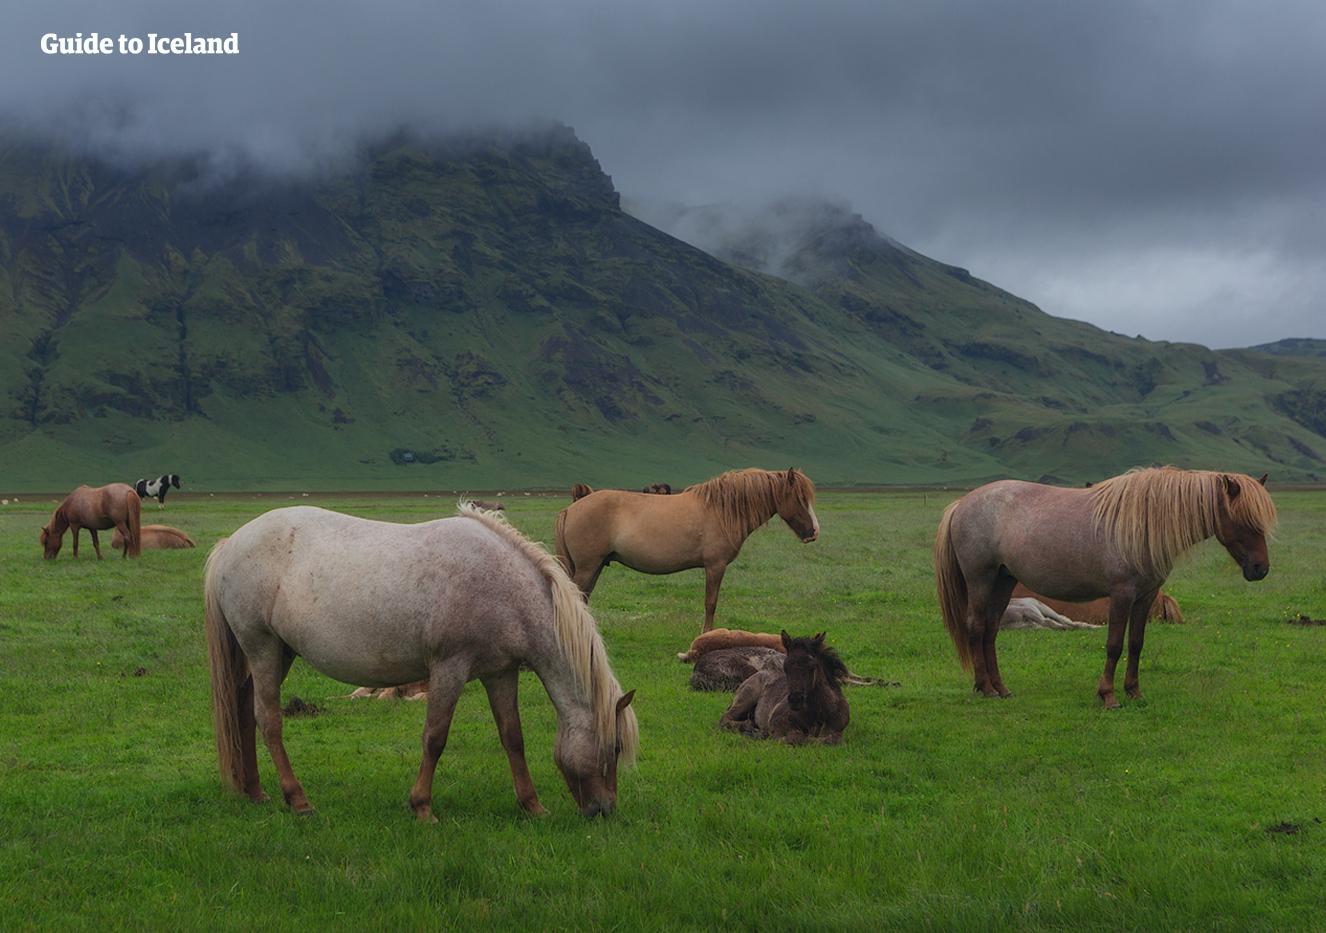 Los caballos islandeses son conocidos por ser inteligentes, sociables, curiosos y dulces.